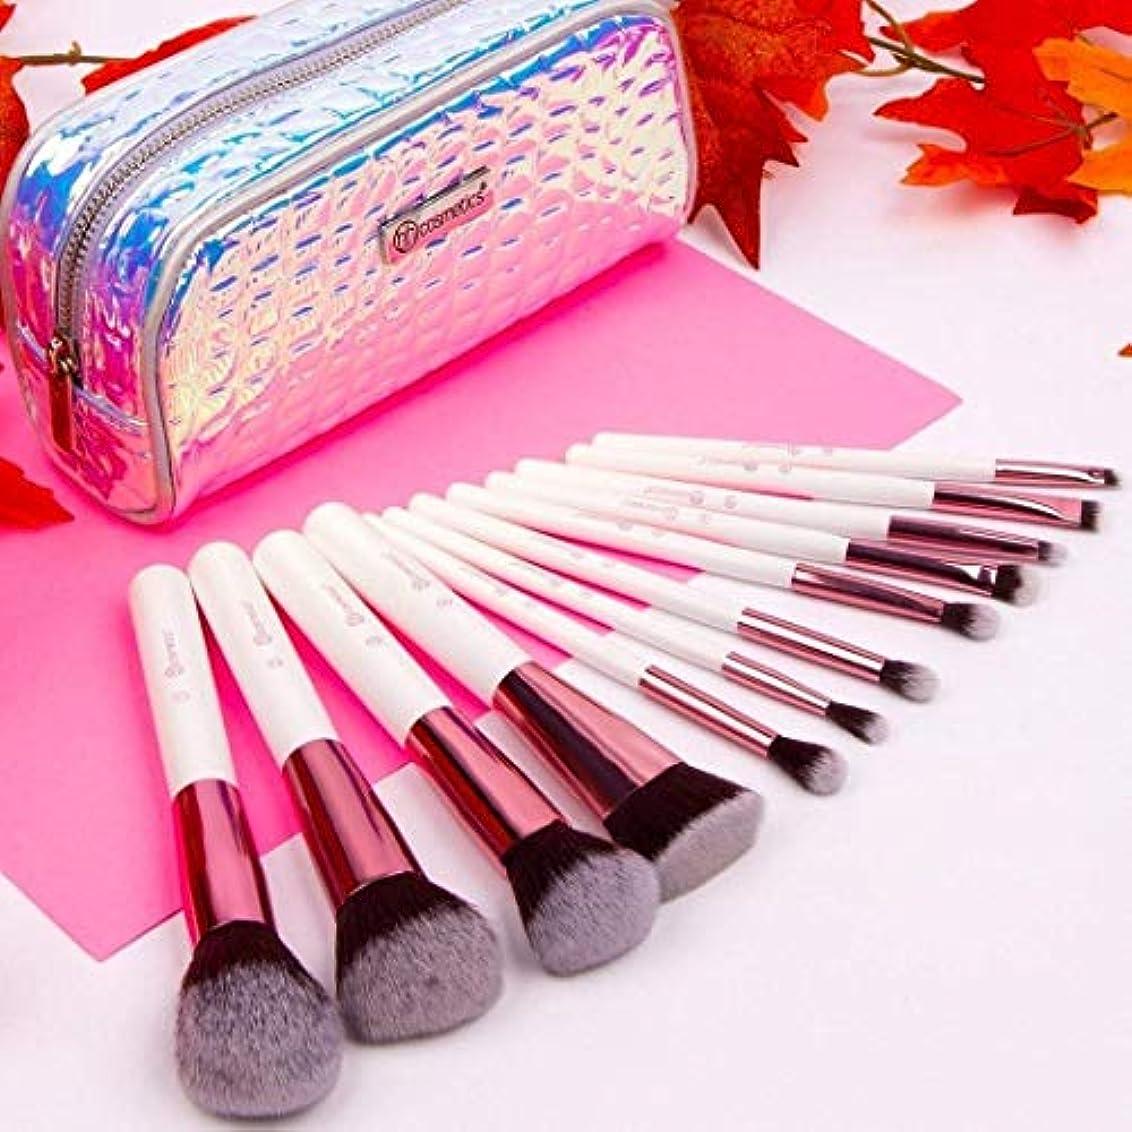 耐えられない二年生行き当たりばったりBH cosmetics メイクブラシ アイシャドウブラシ 化粧筆 12本セット コスメブラシ 多機能メイクブラシケース付き収納便利 (12本セット)